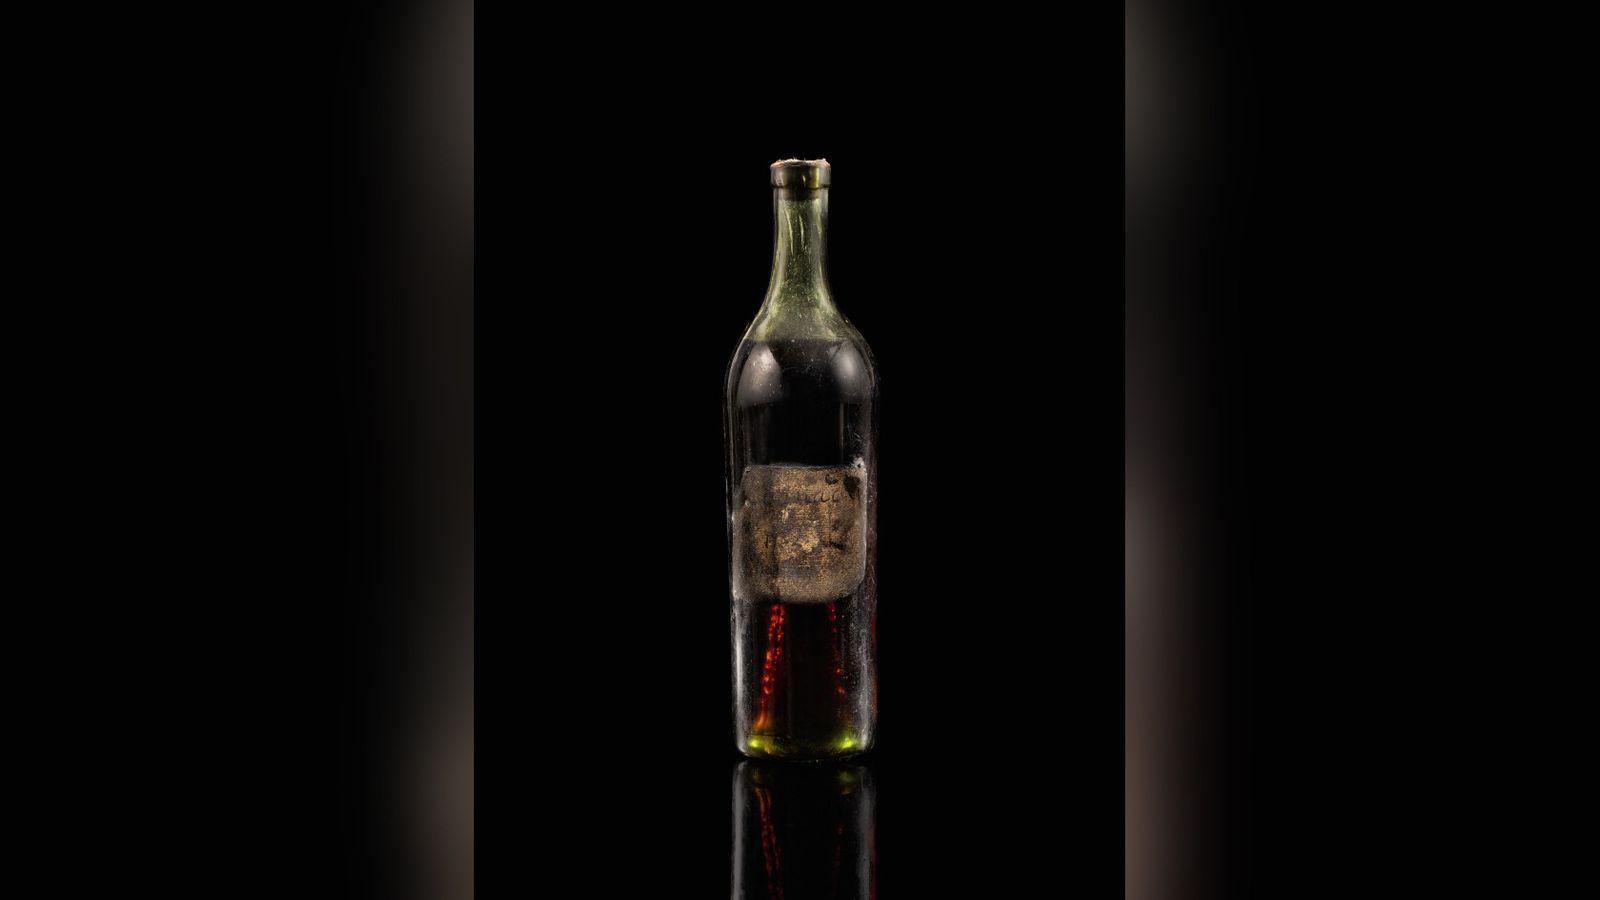 Францад болсон дуудлага худалдаанд 1762 оны коньяк $146,000-аар зарагджээ